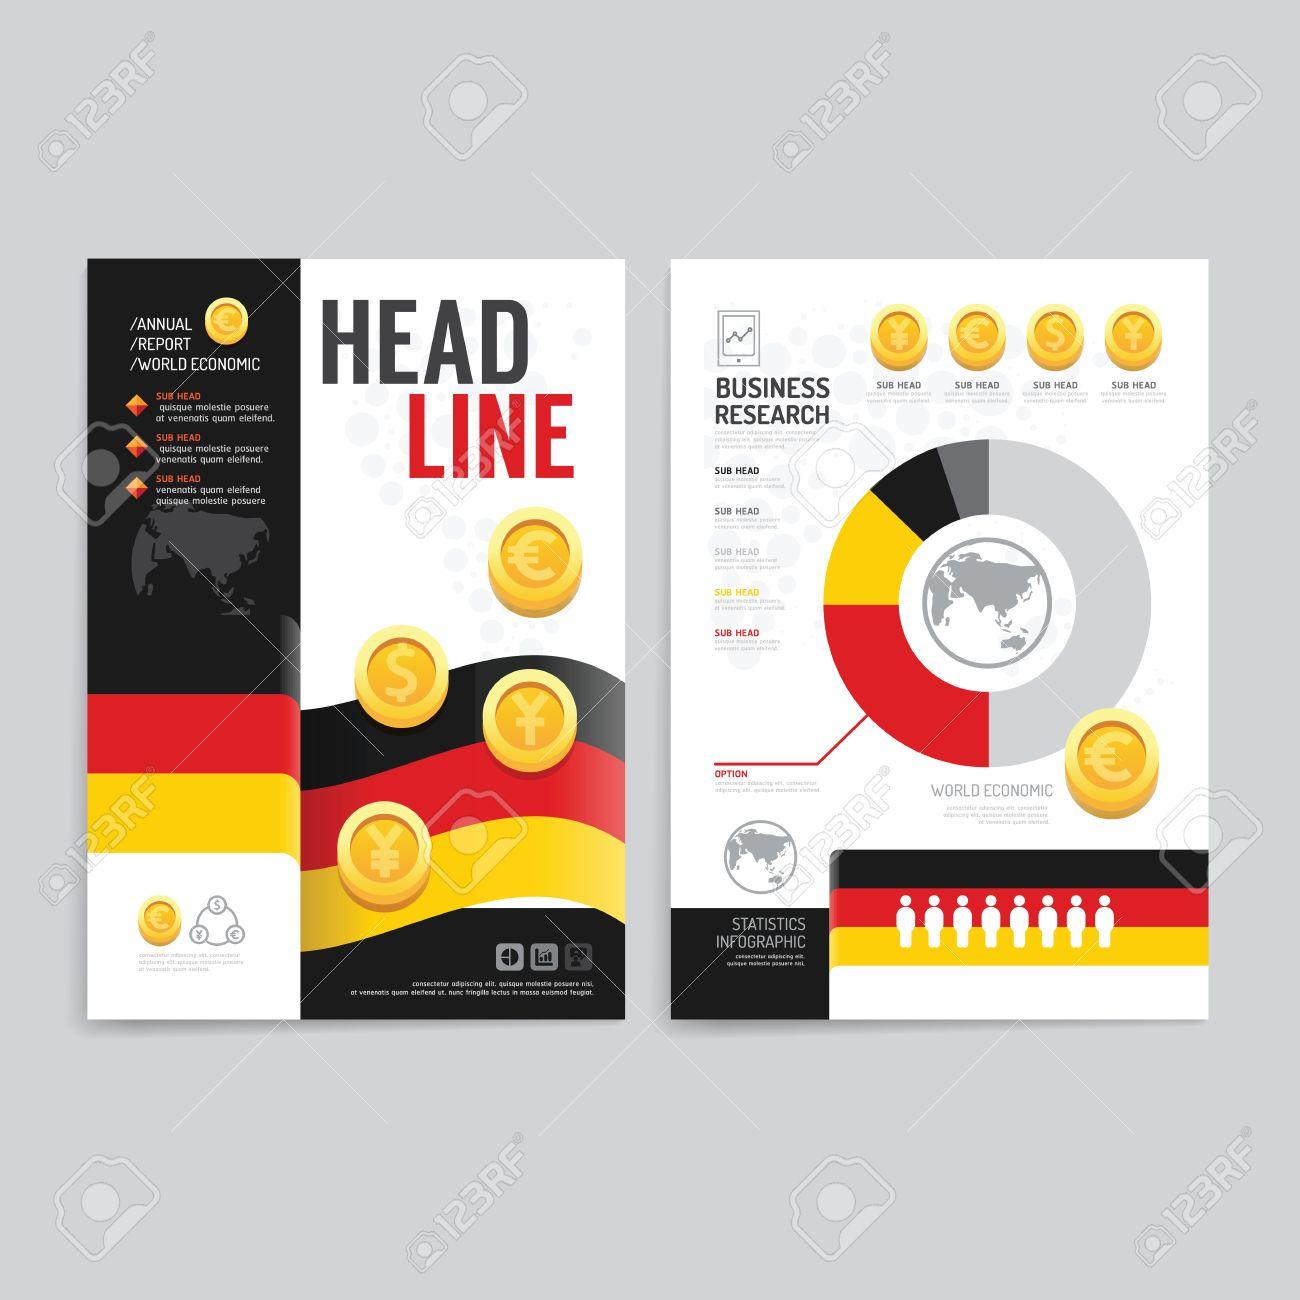 040c1225e6bb Banque d'images - Vector brochure magazine dépliant la couverture livret  conception de l'affiche template.layout affaires du monde économique  annuelle ...